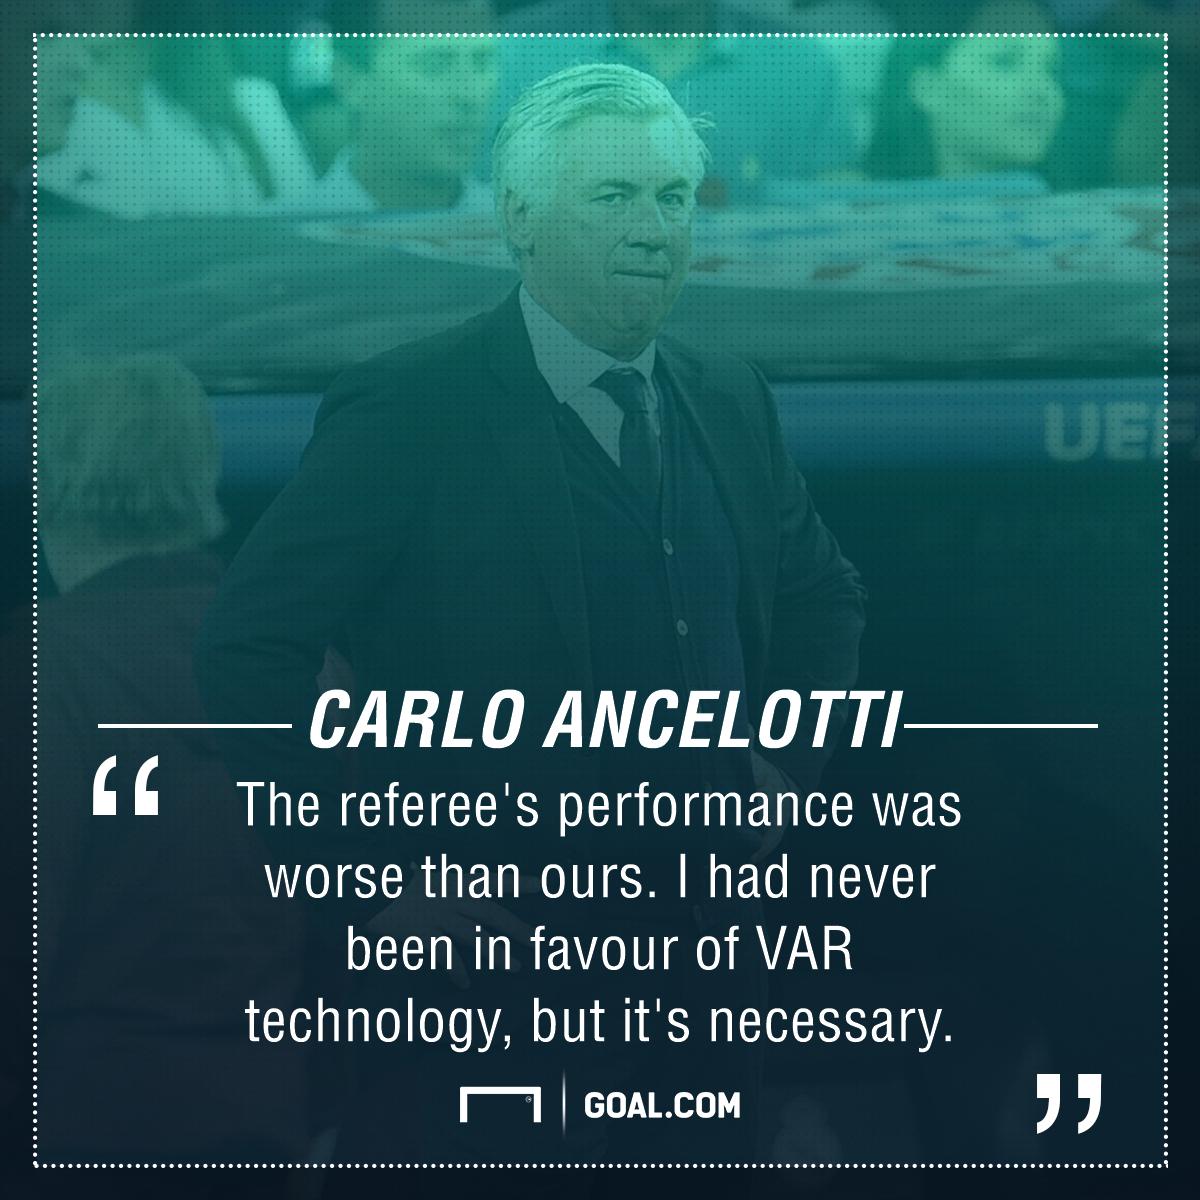 Carlo Ancelotti Bayern Munich Real Madrid